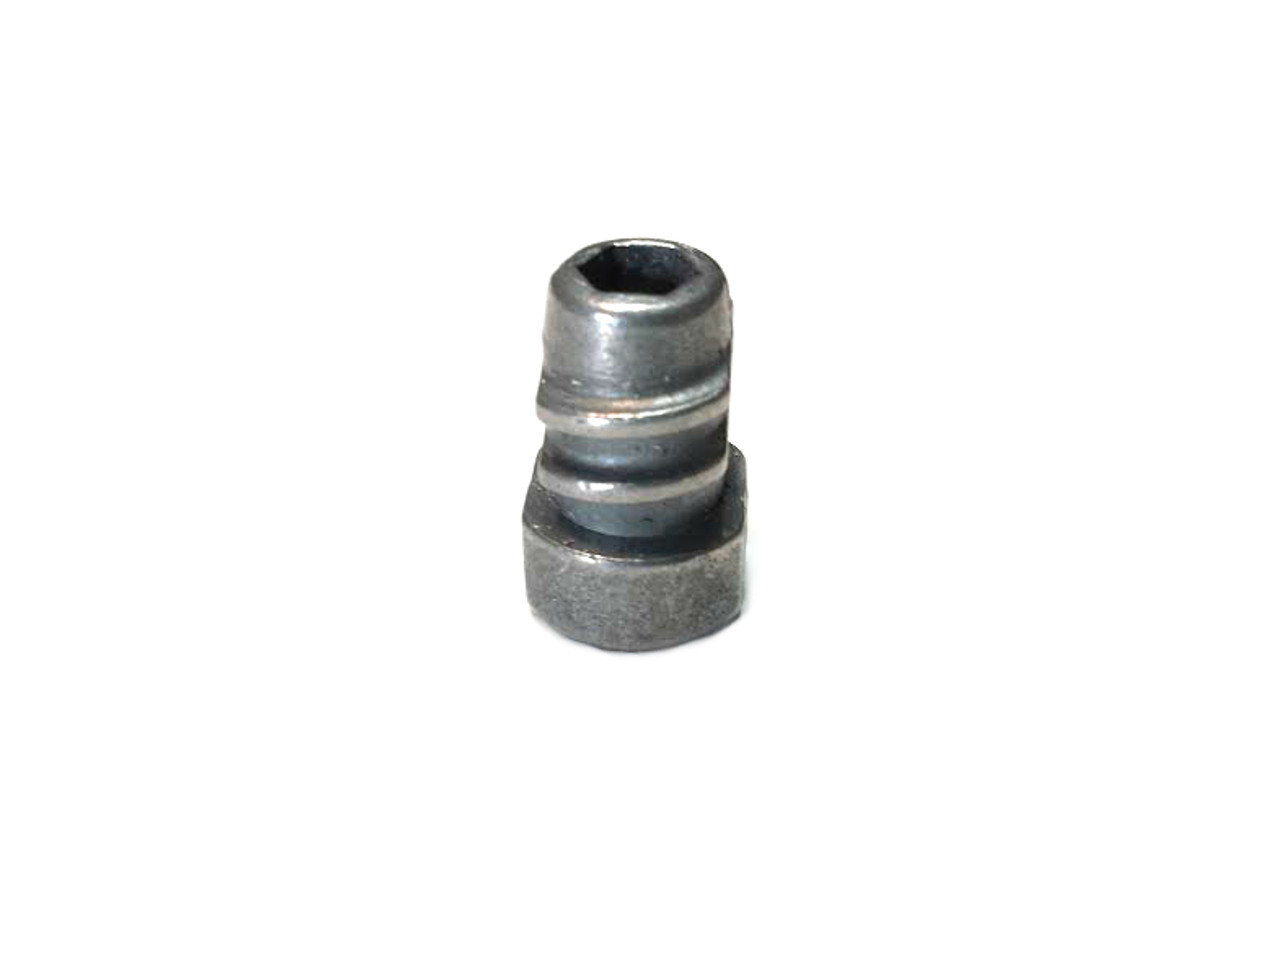 Original Tomos A35 Fork Spring Plug Nut - Bottom